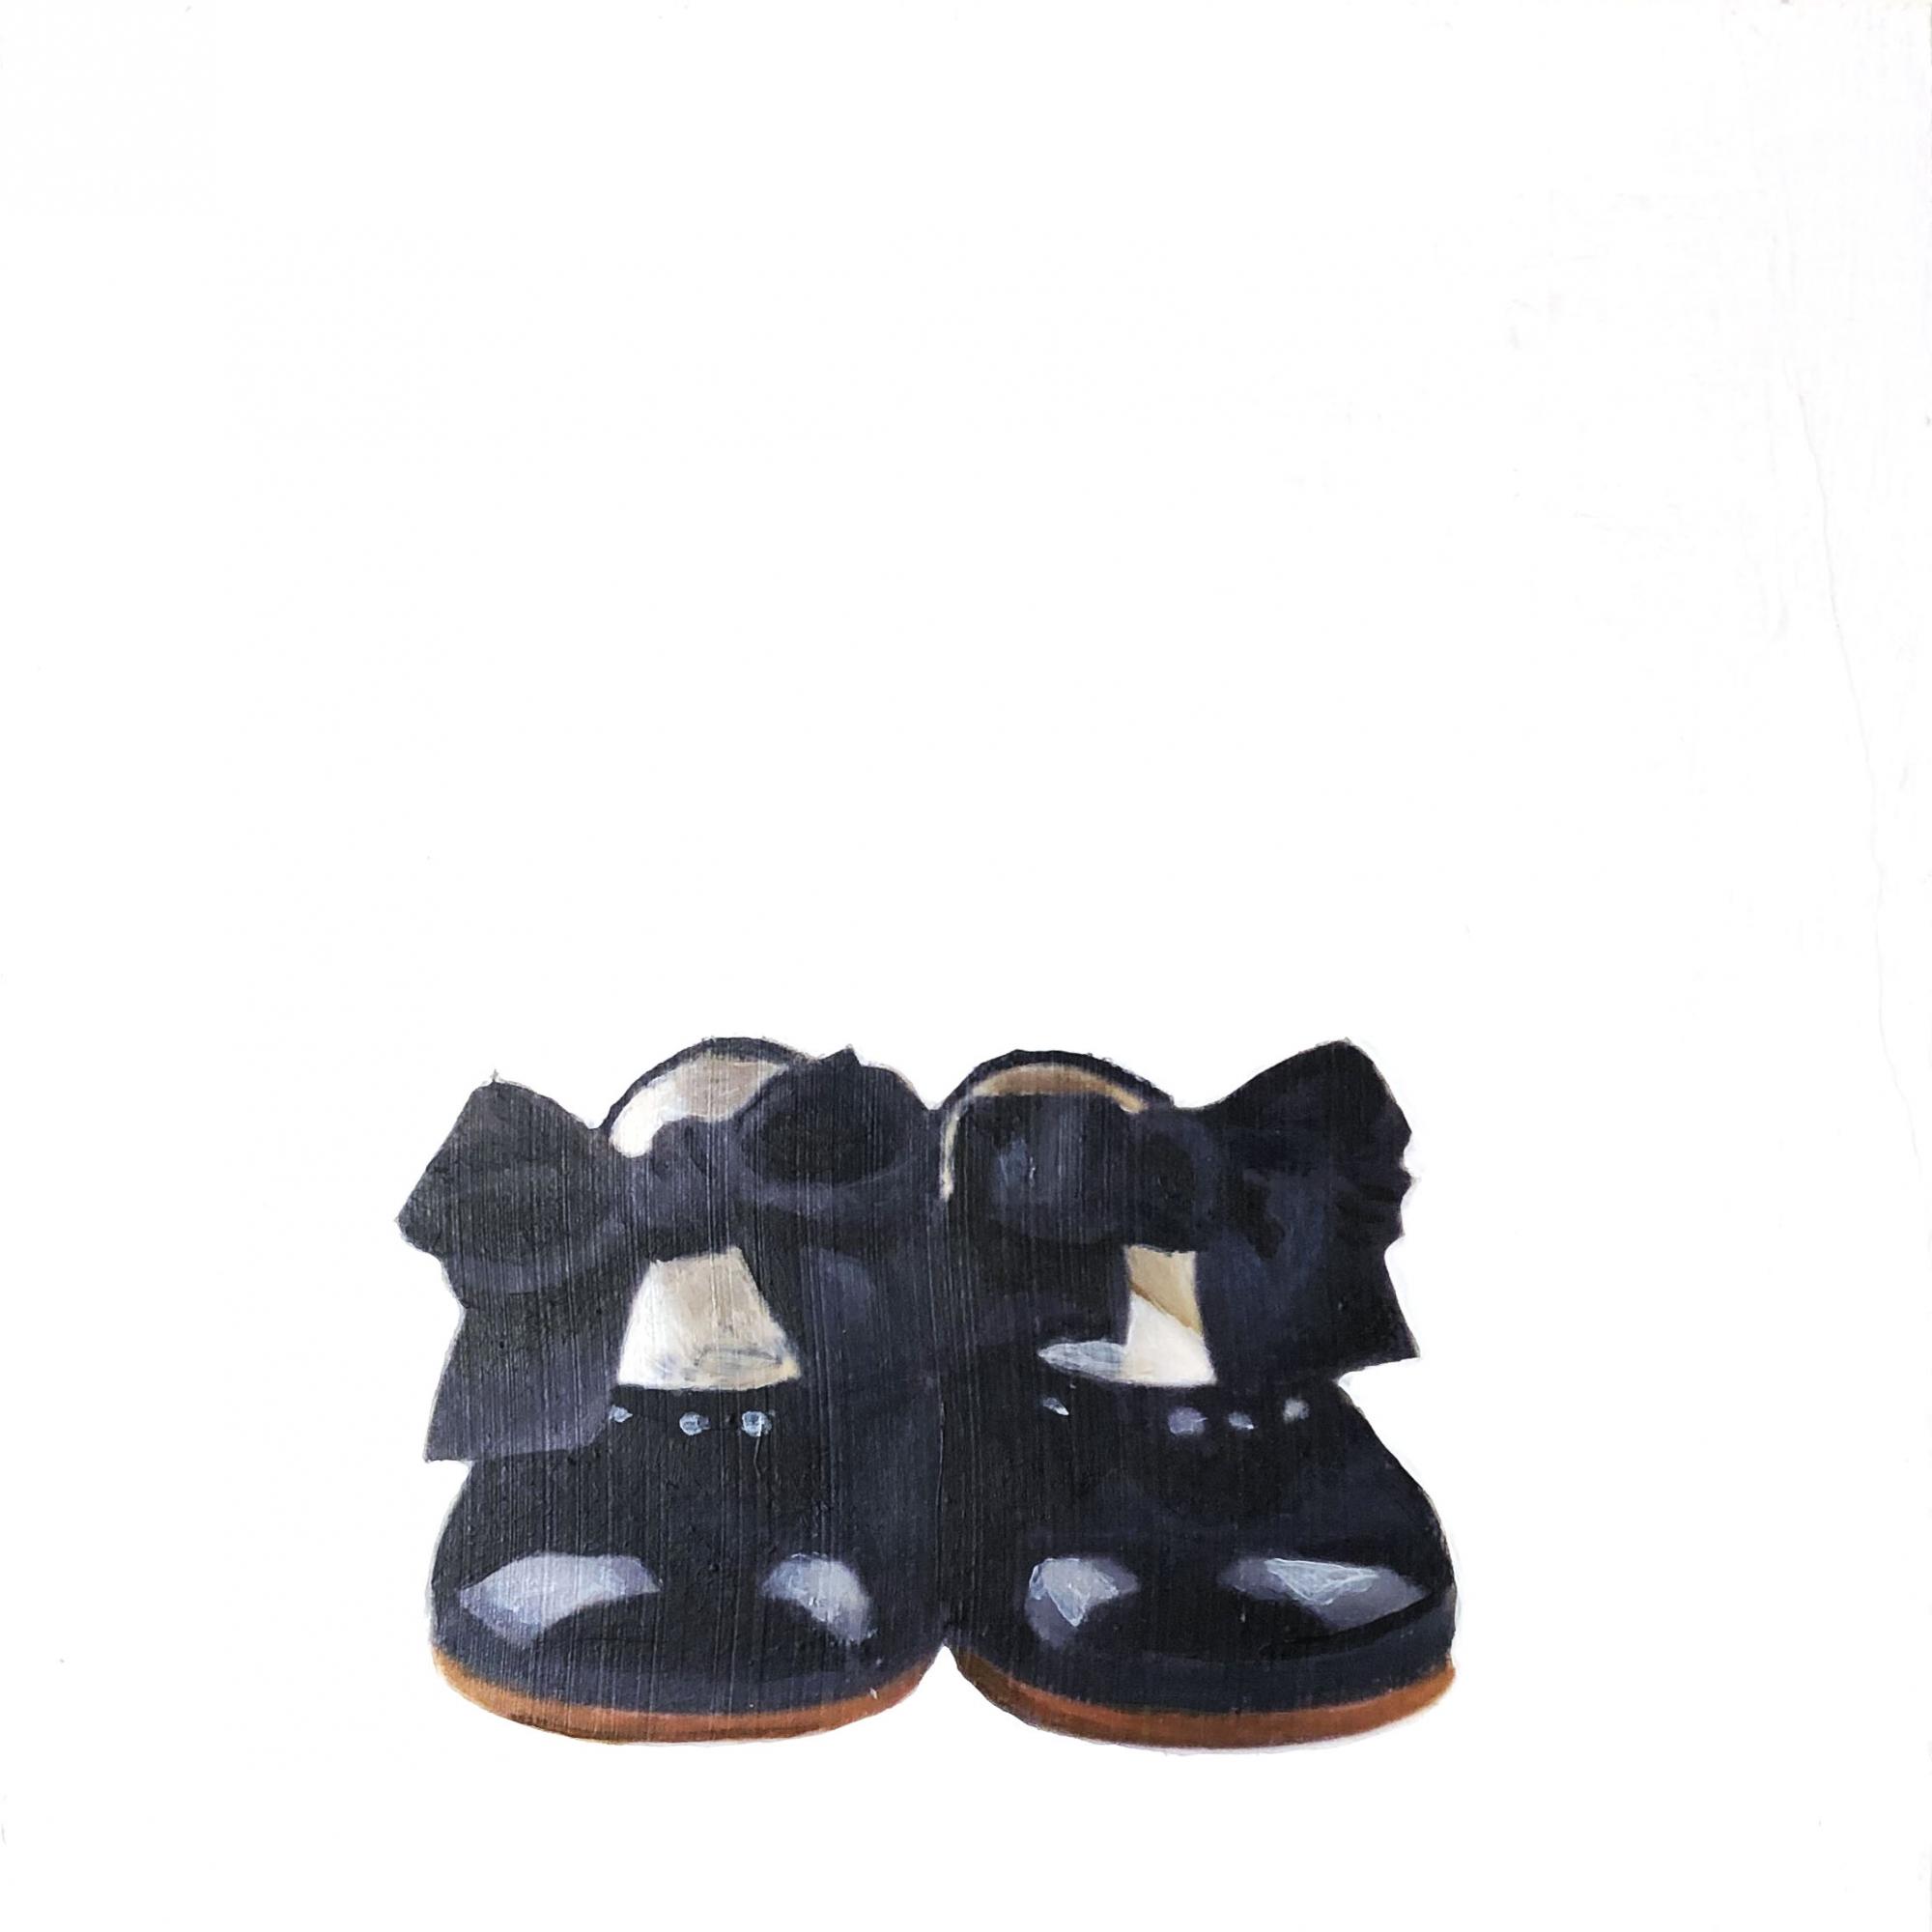 Little Black Shoes by EM Vincent